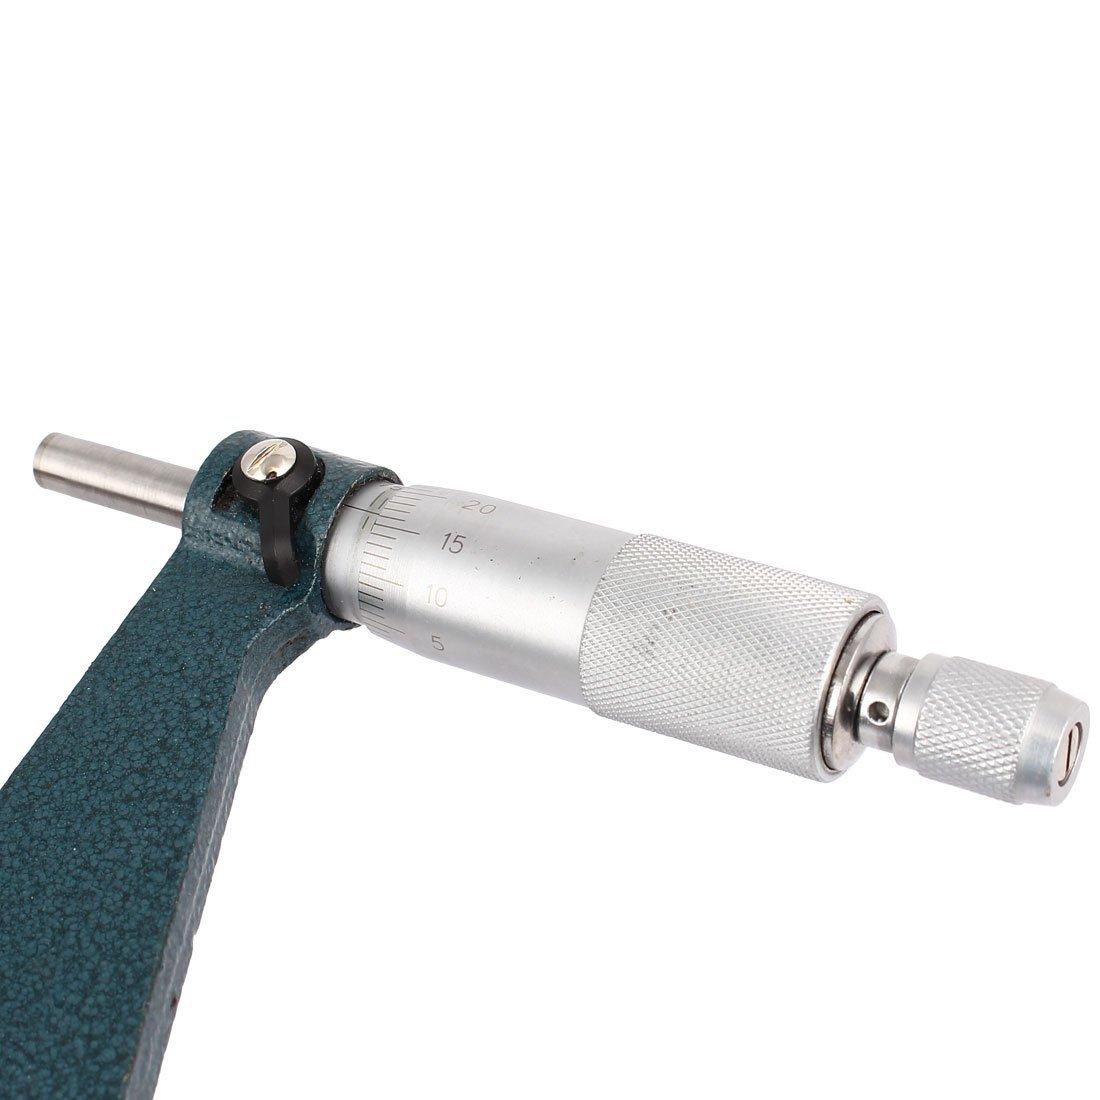 EbuyChX G-09 175-200mm 0.01mm Gauge Sa labas Metric Mikron para mekaniko